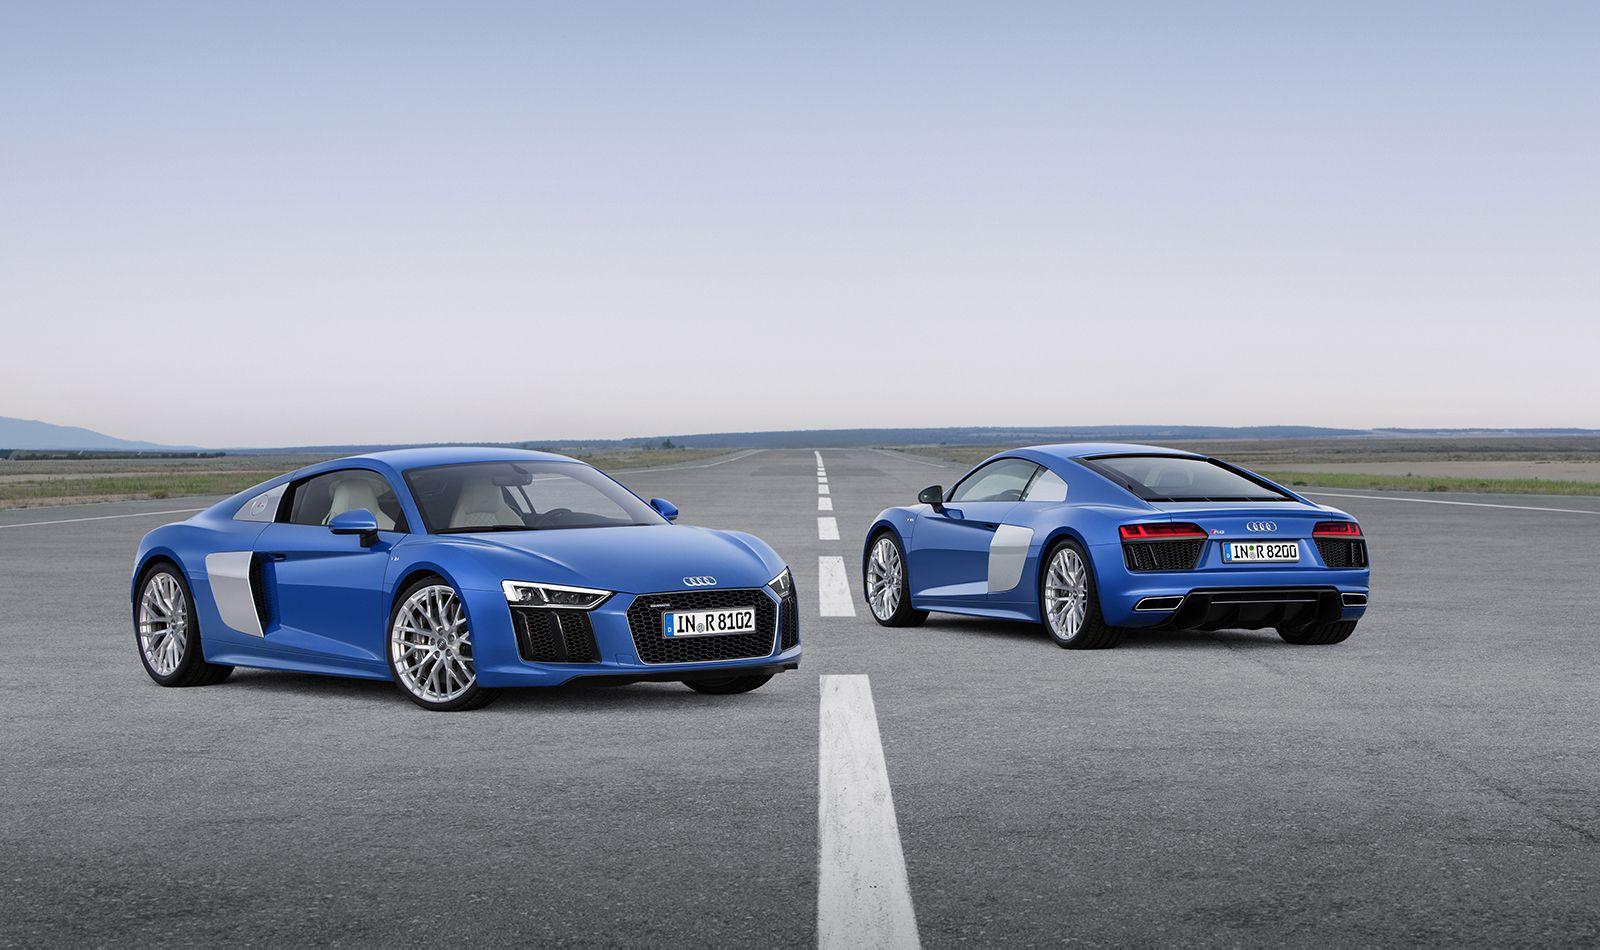 Zwei blaue Audi R8 V10 quattro versetzt parkend, von vorn und hinten zu sehen